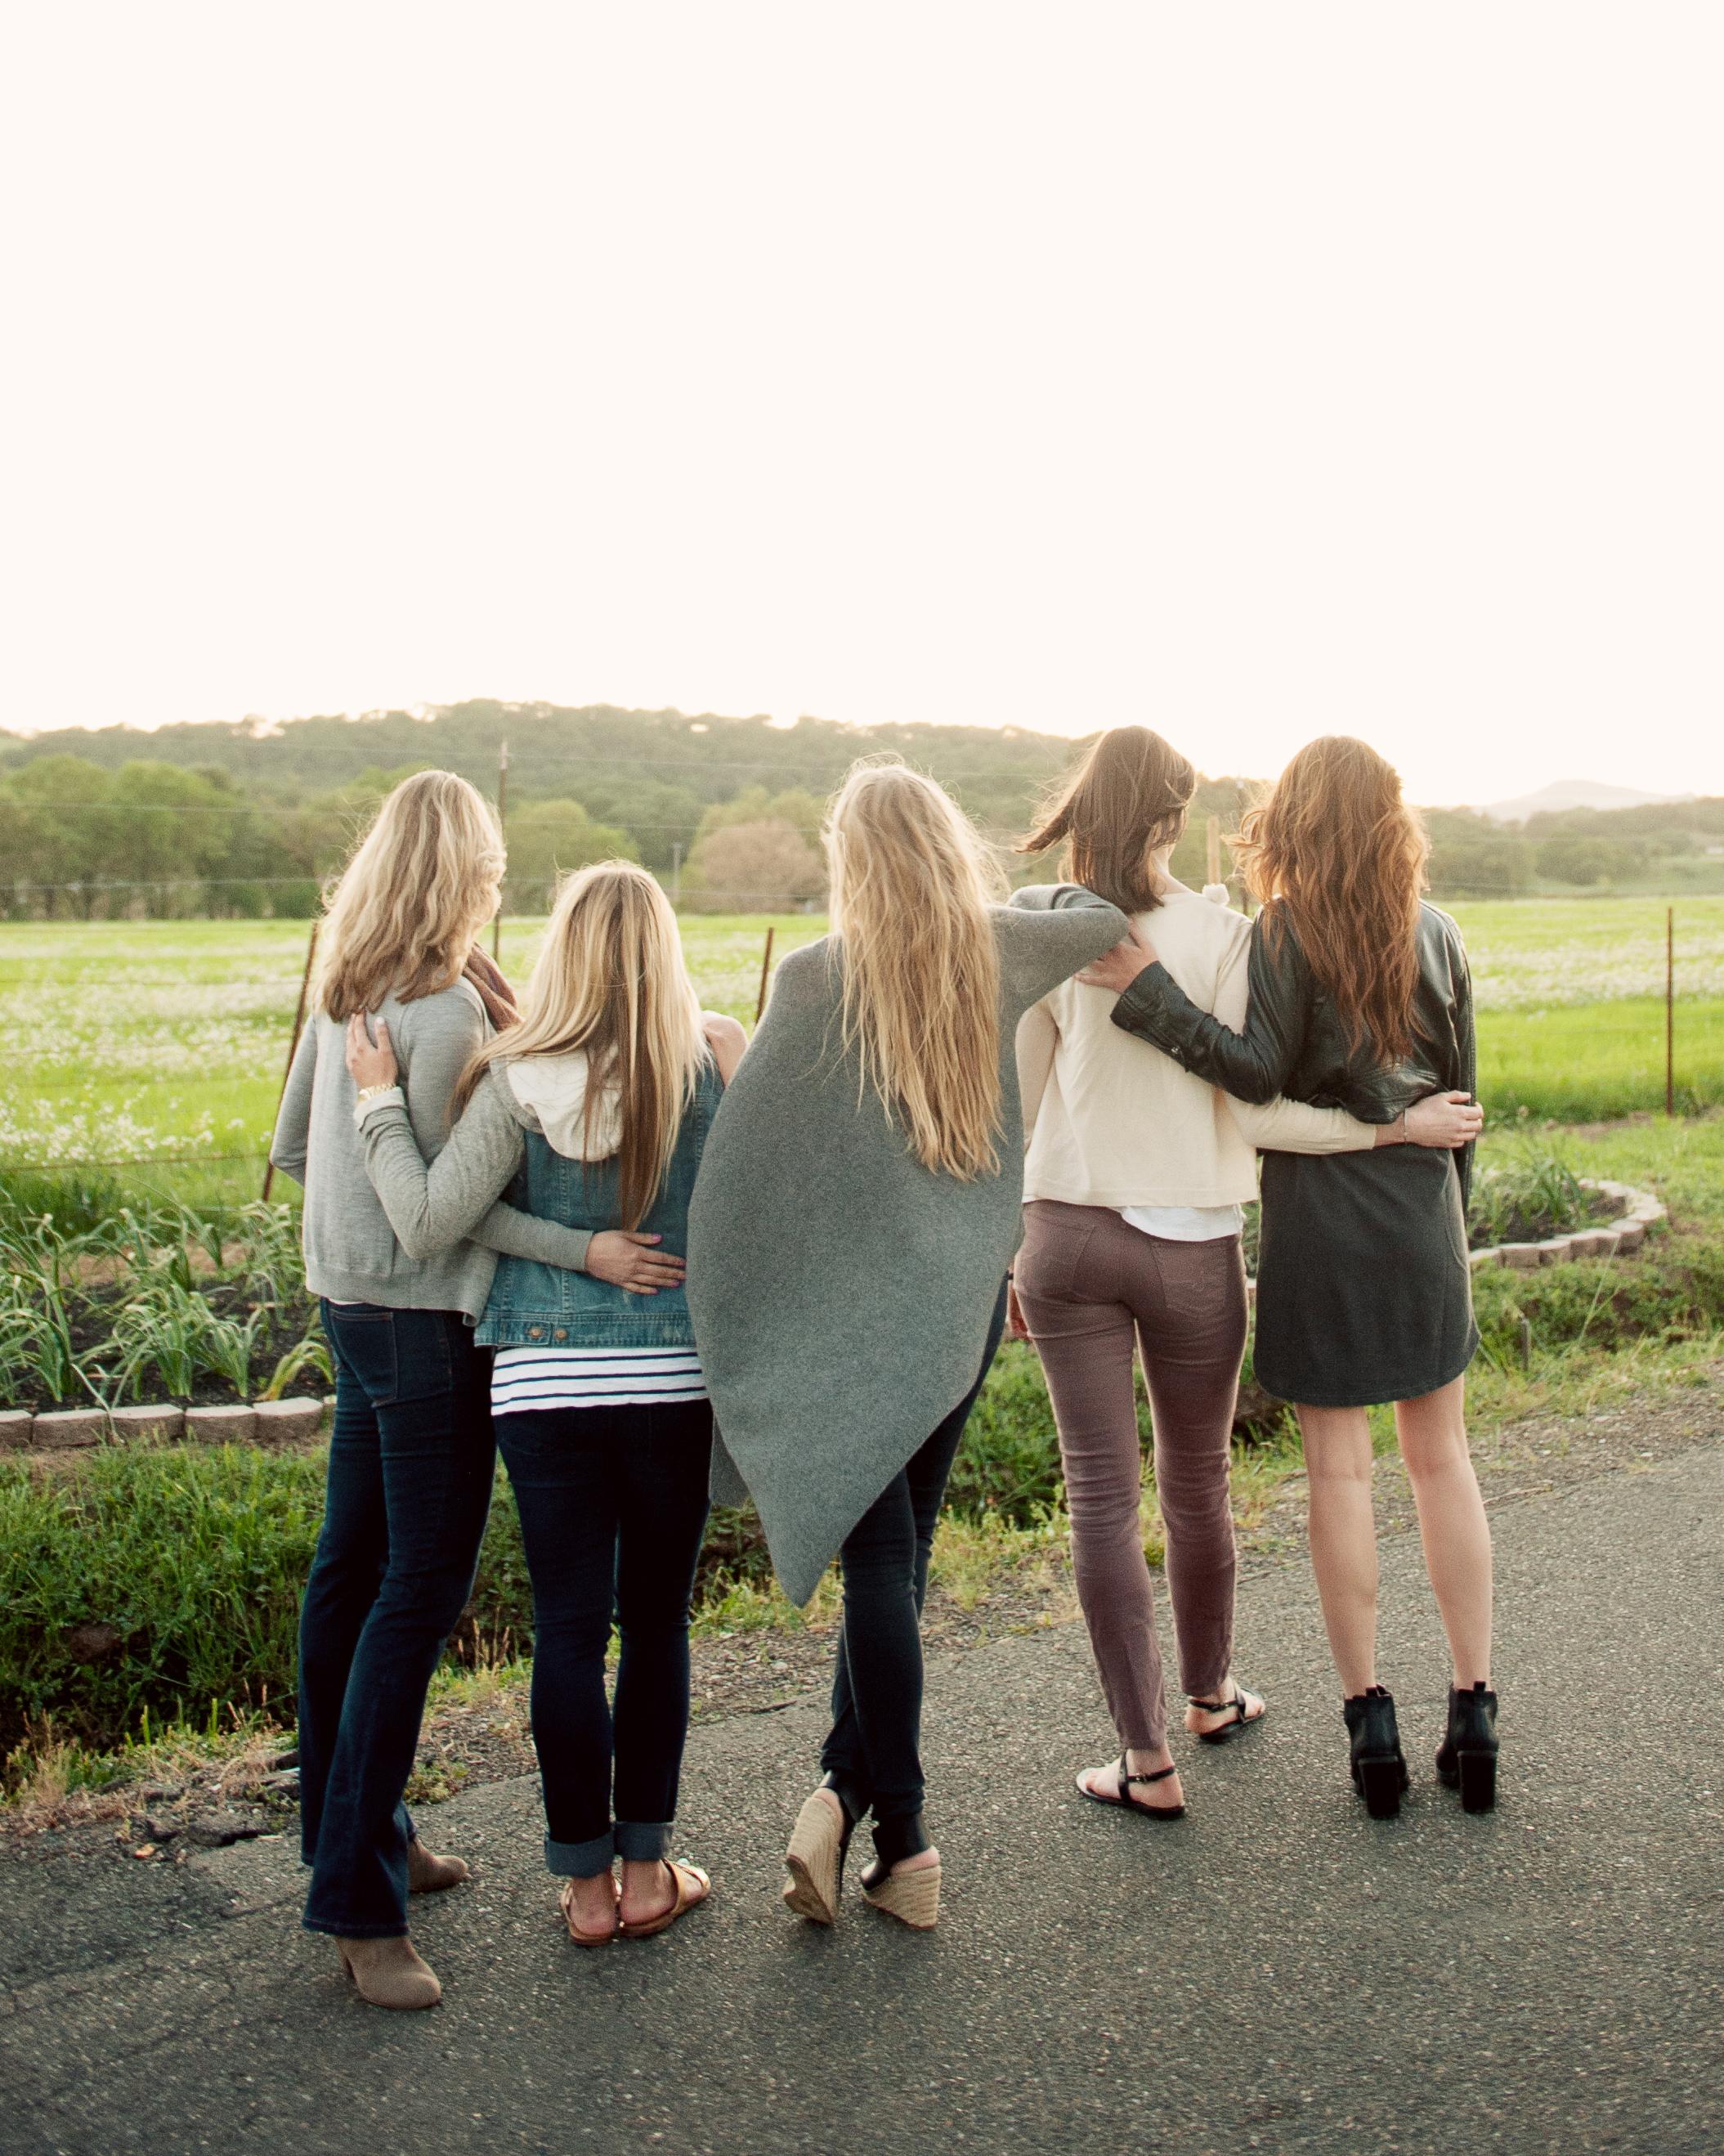 eatsleepwear-napa-valley-bachelorette-party-friends-back-0415.jpg